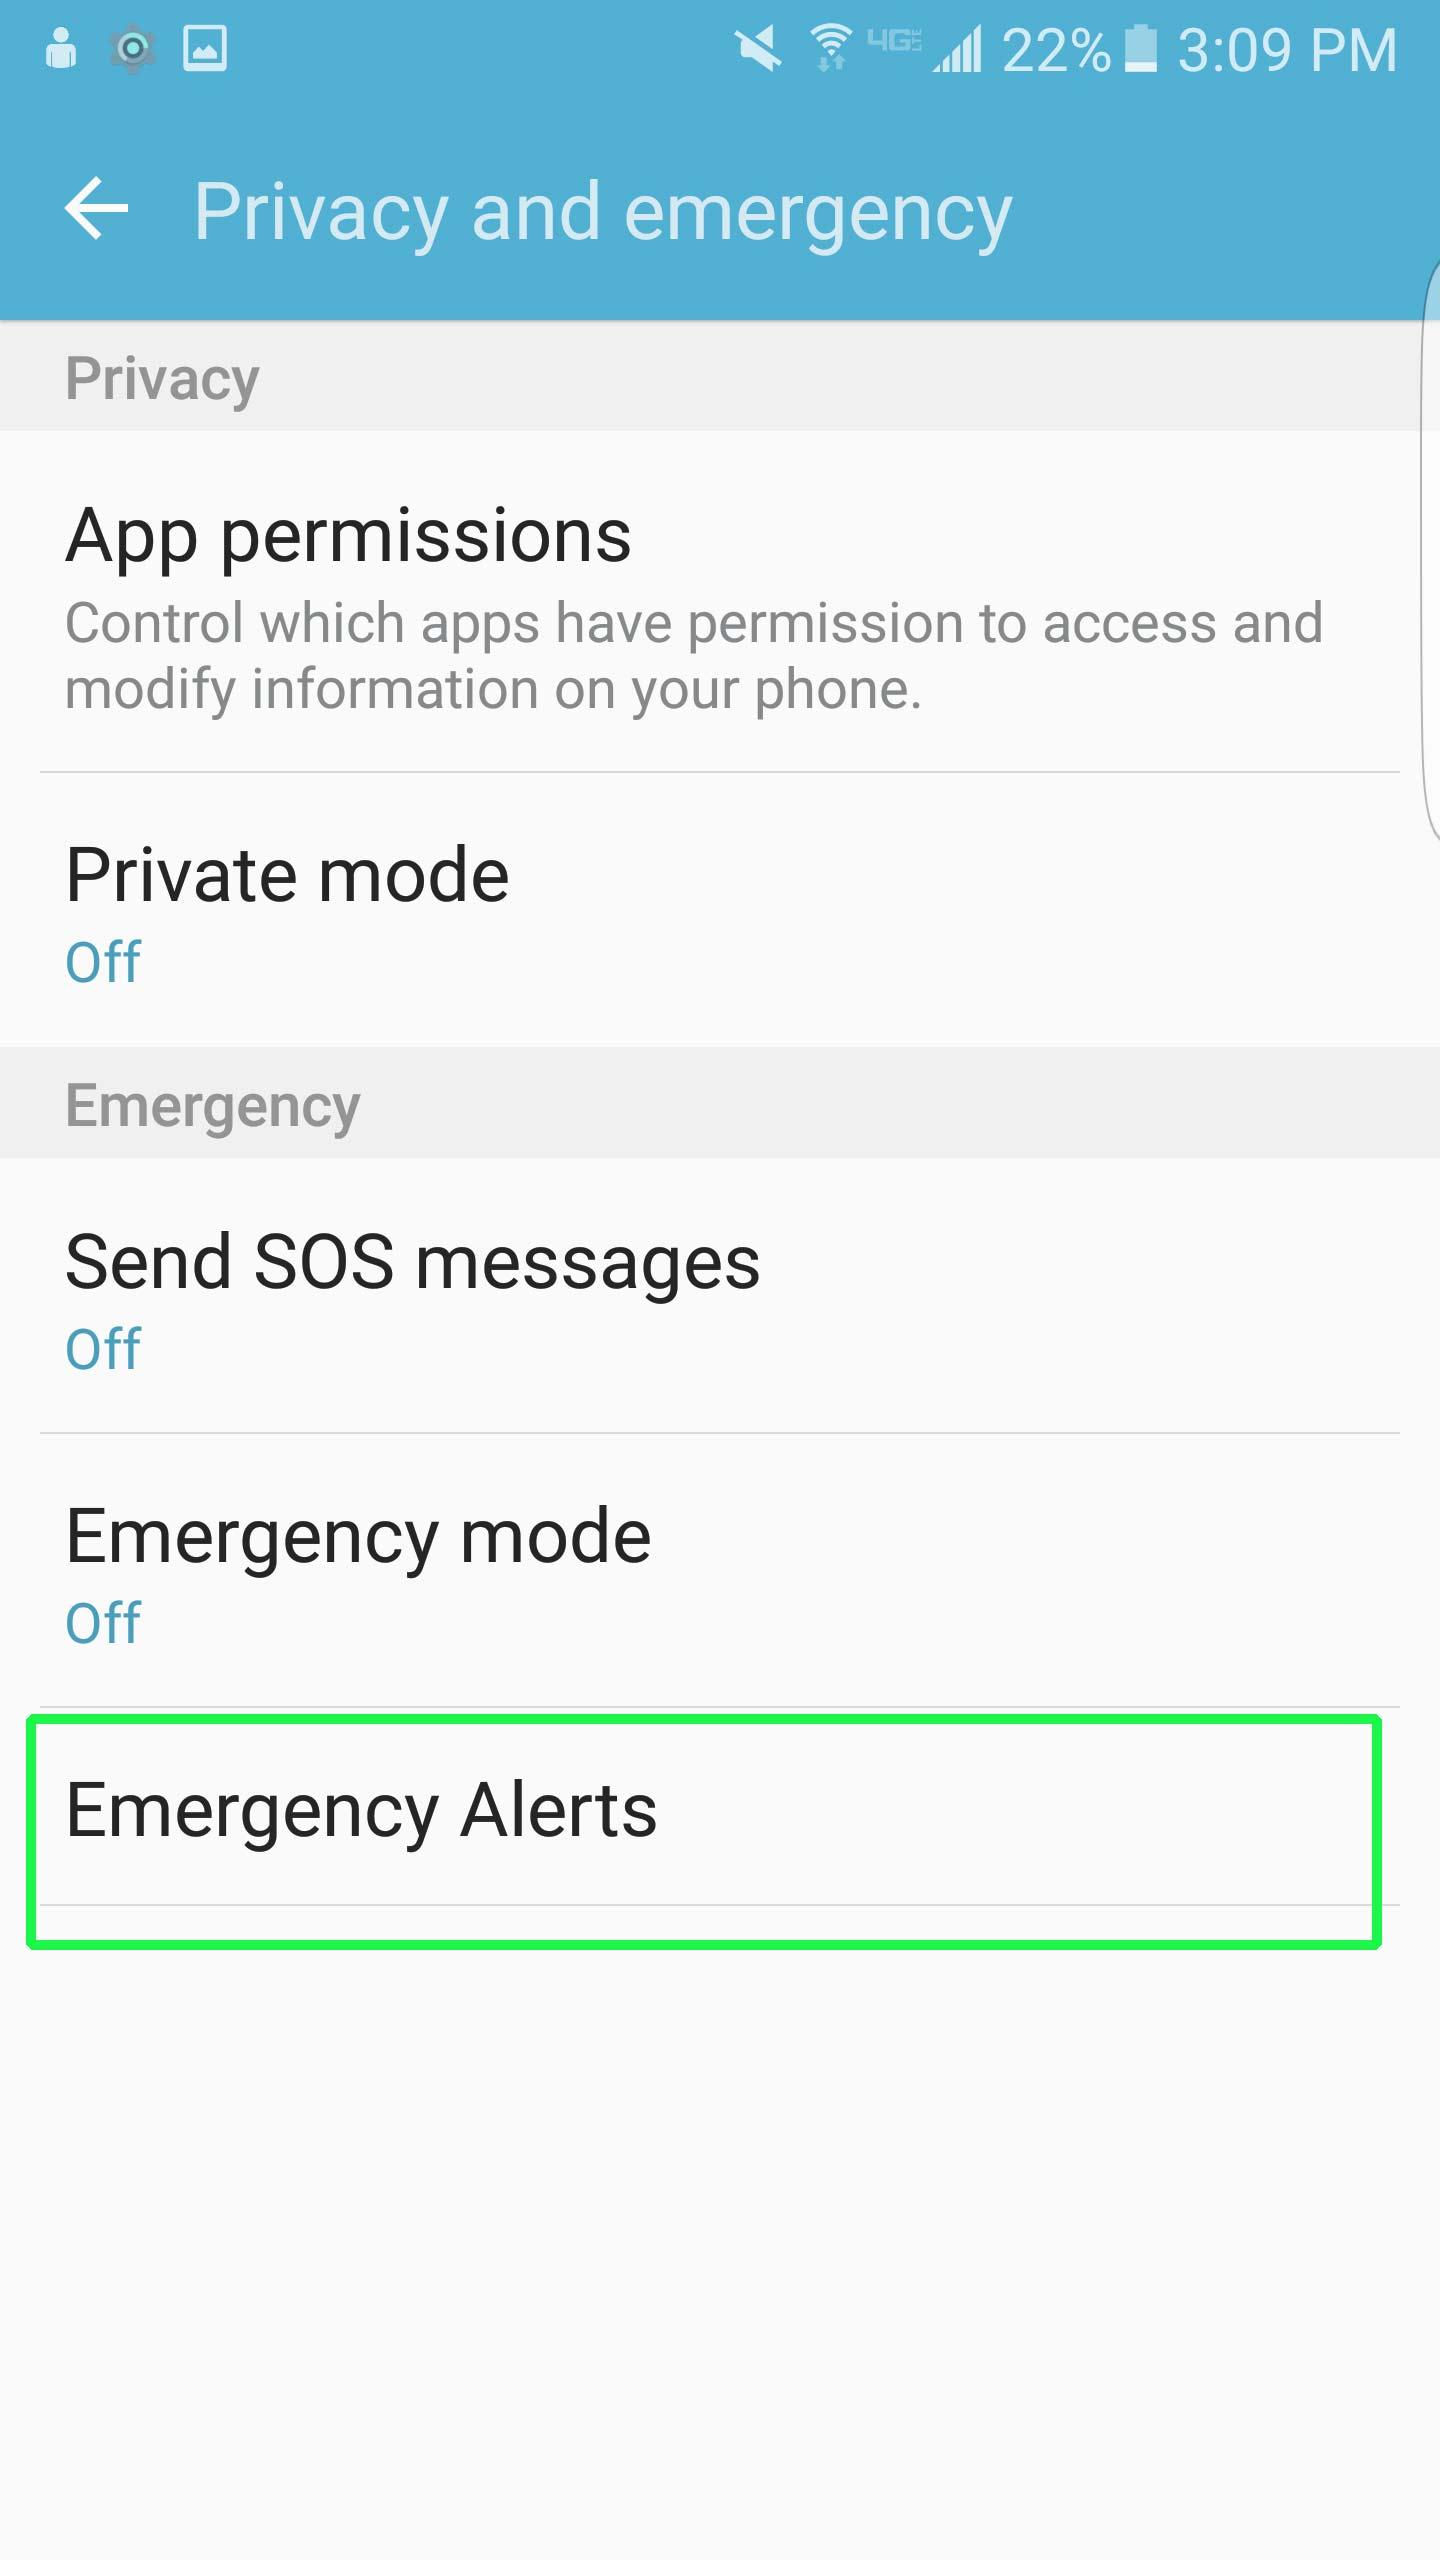 Cách tắt thông báo khẩn cấp Emergency, Amber Alerts Galaxy S7 4